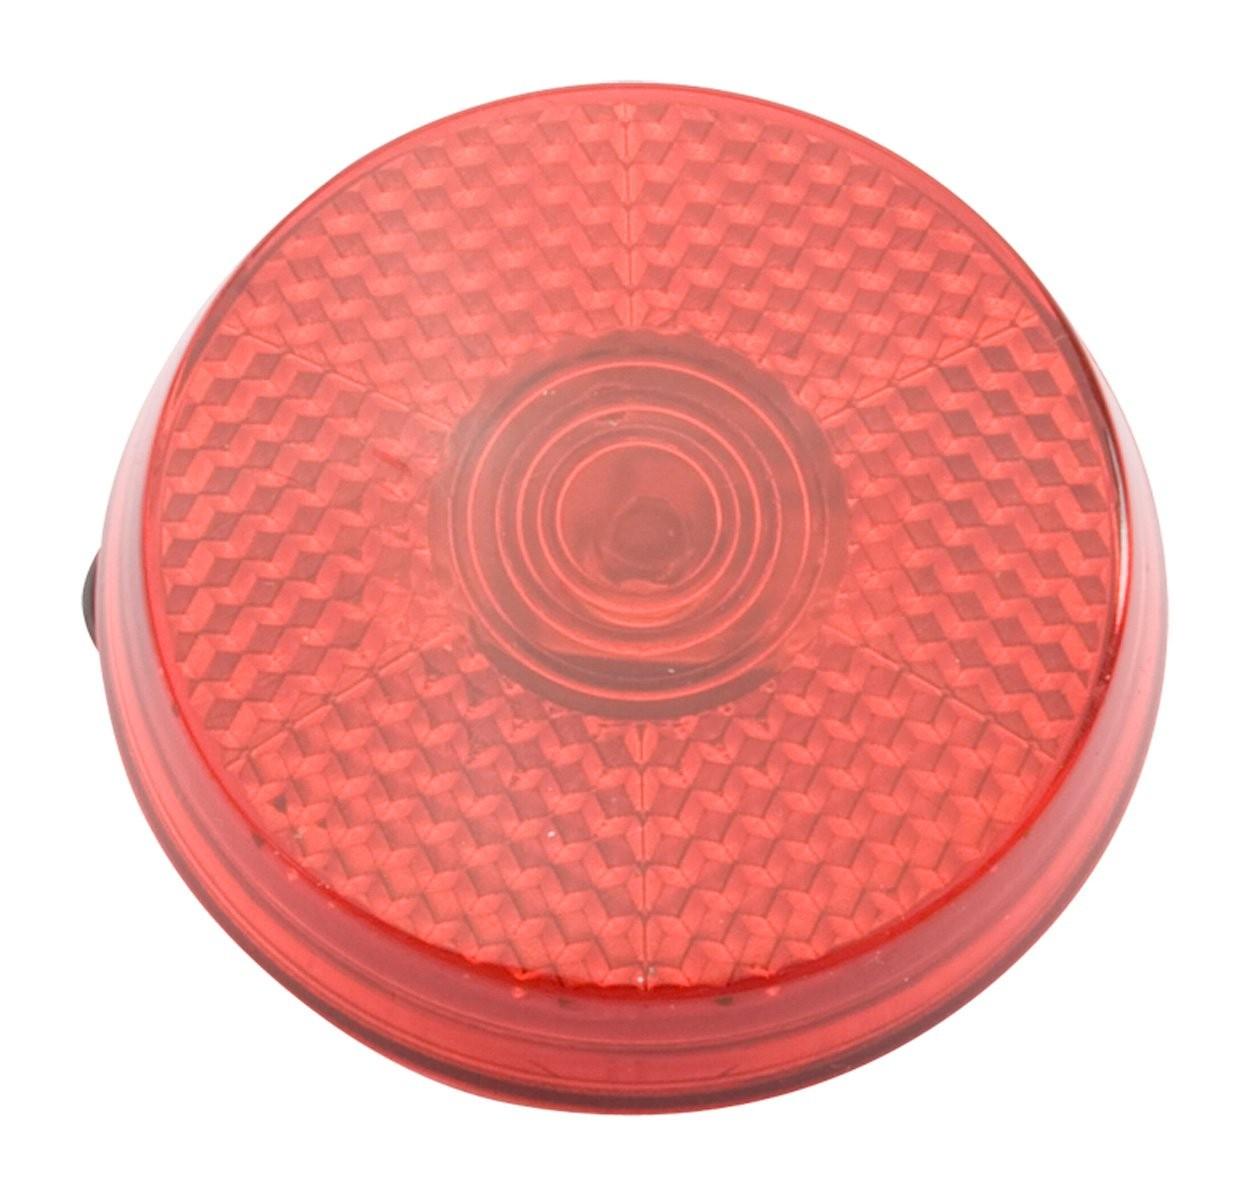 Blinklicht Red-Light